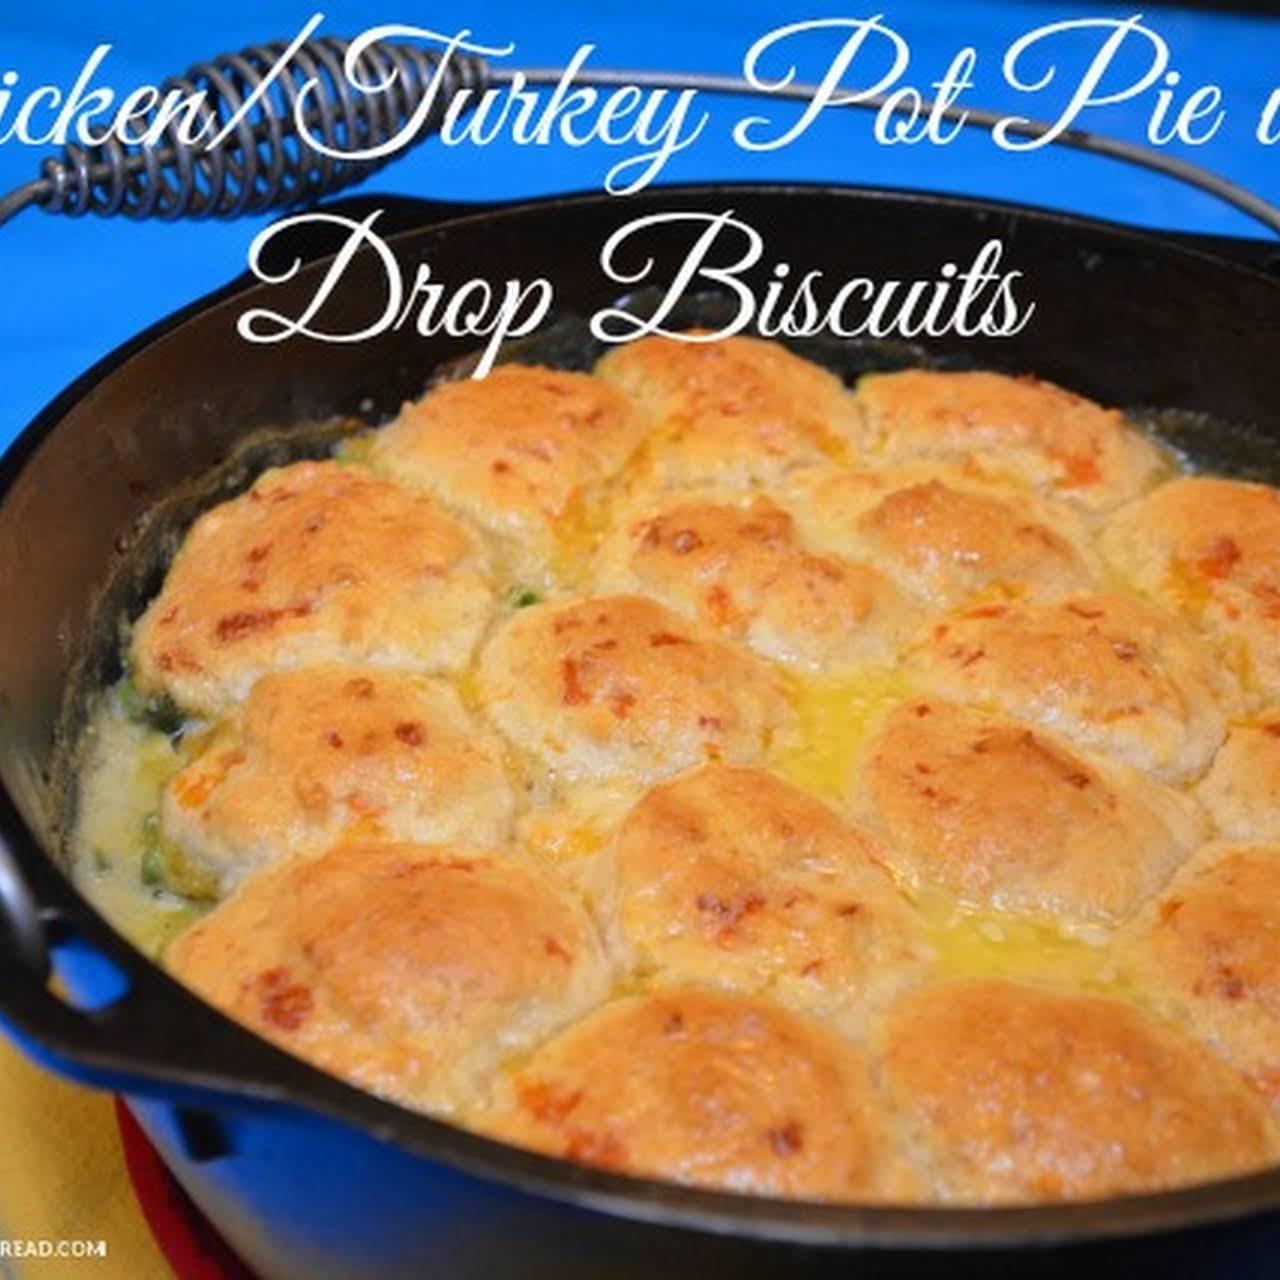 Chicken/Turkey Pot Pie with Garlic Drop Biscuits